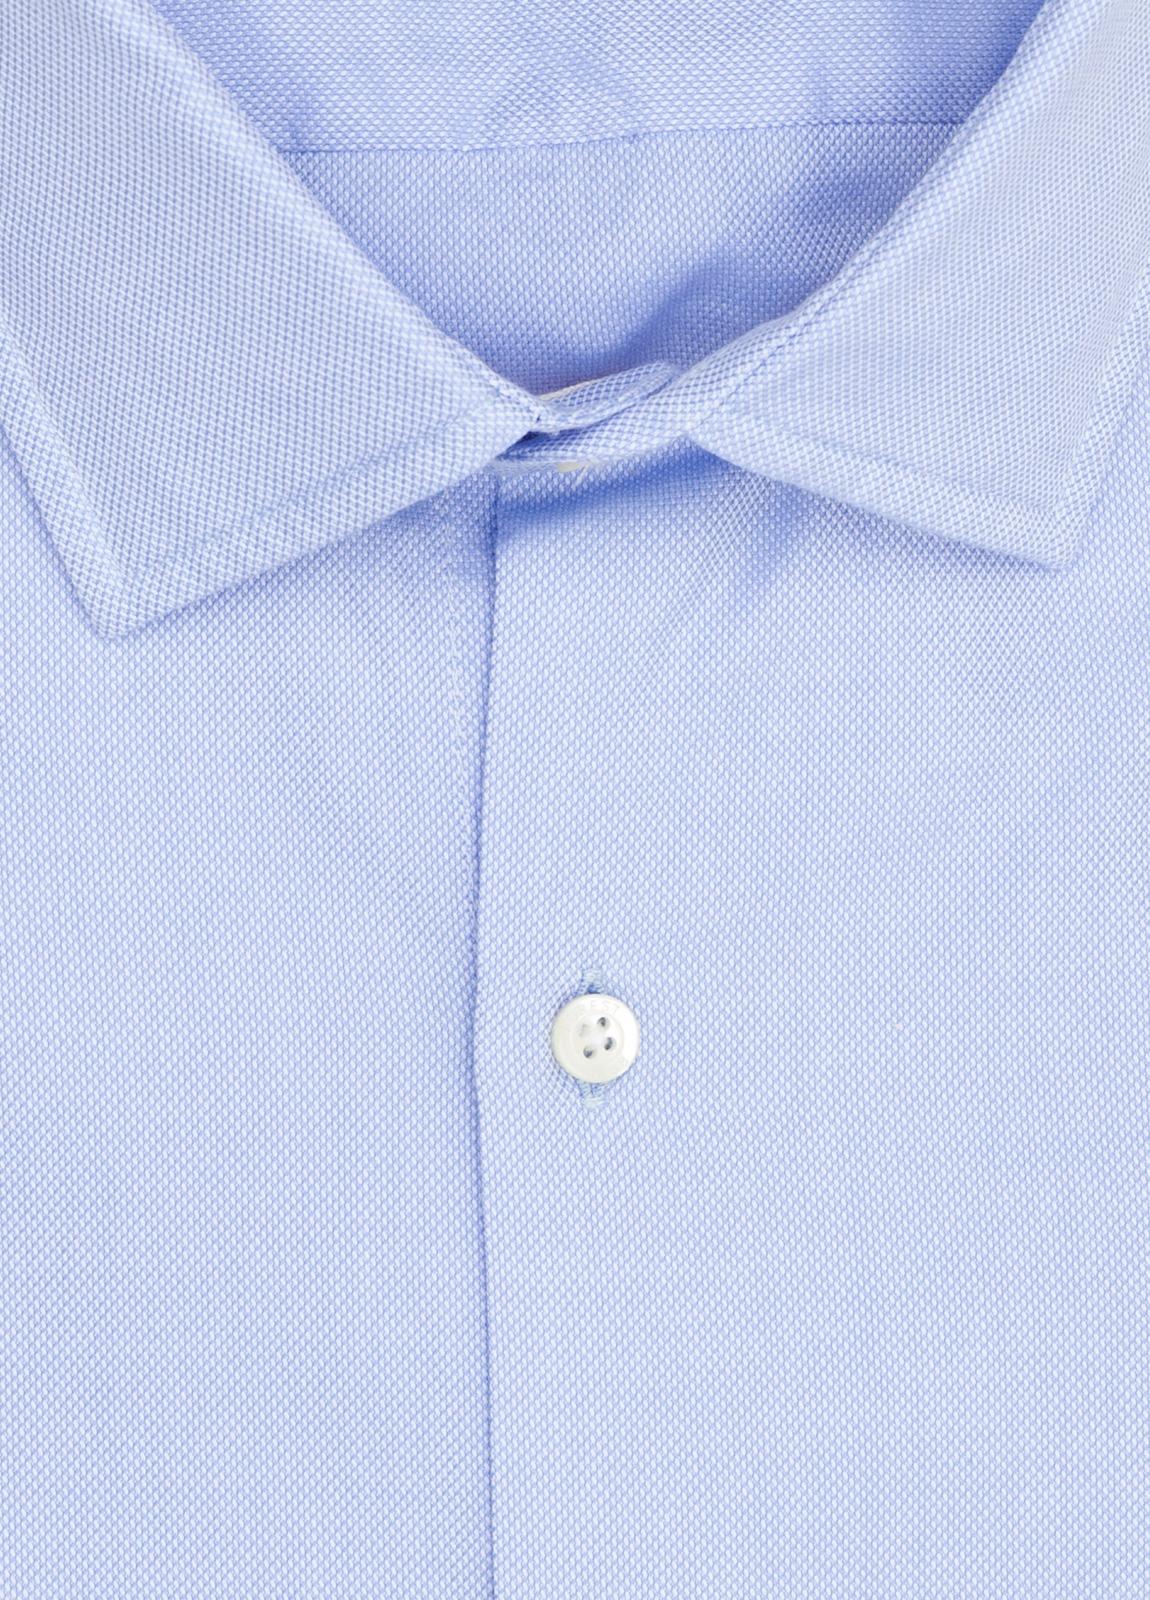 Camisa Casual Wear FUREST COLECCIÓN slim fit textura celeste - Ítem2